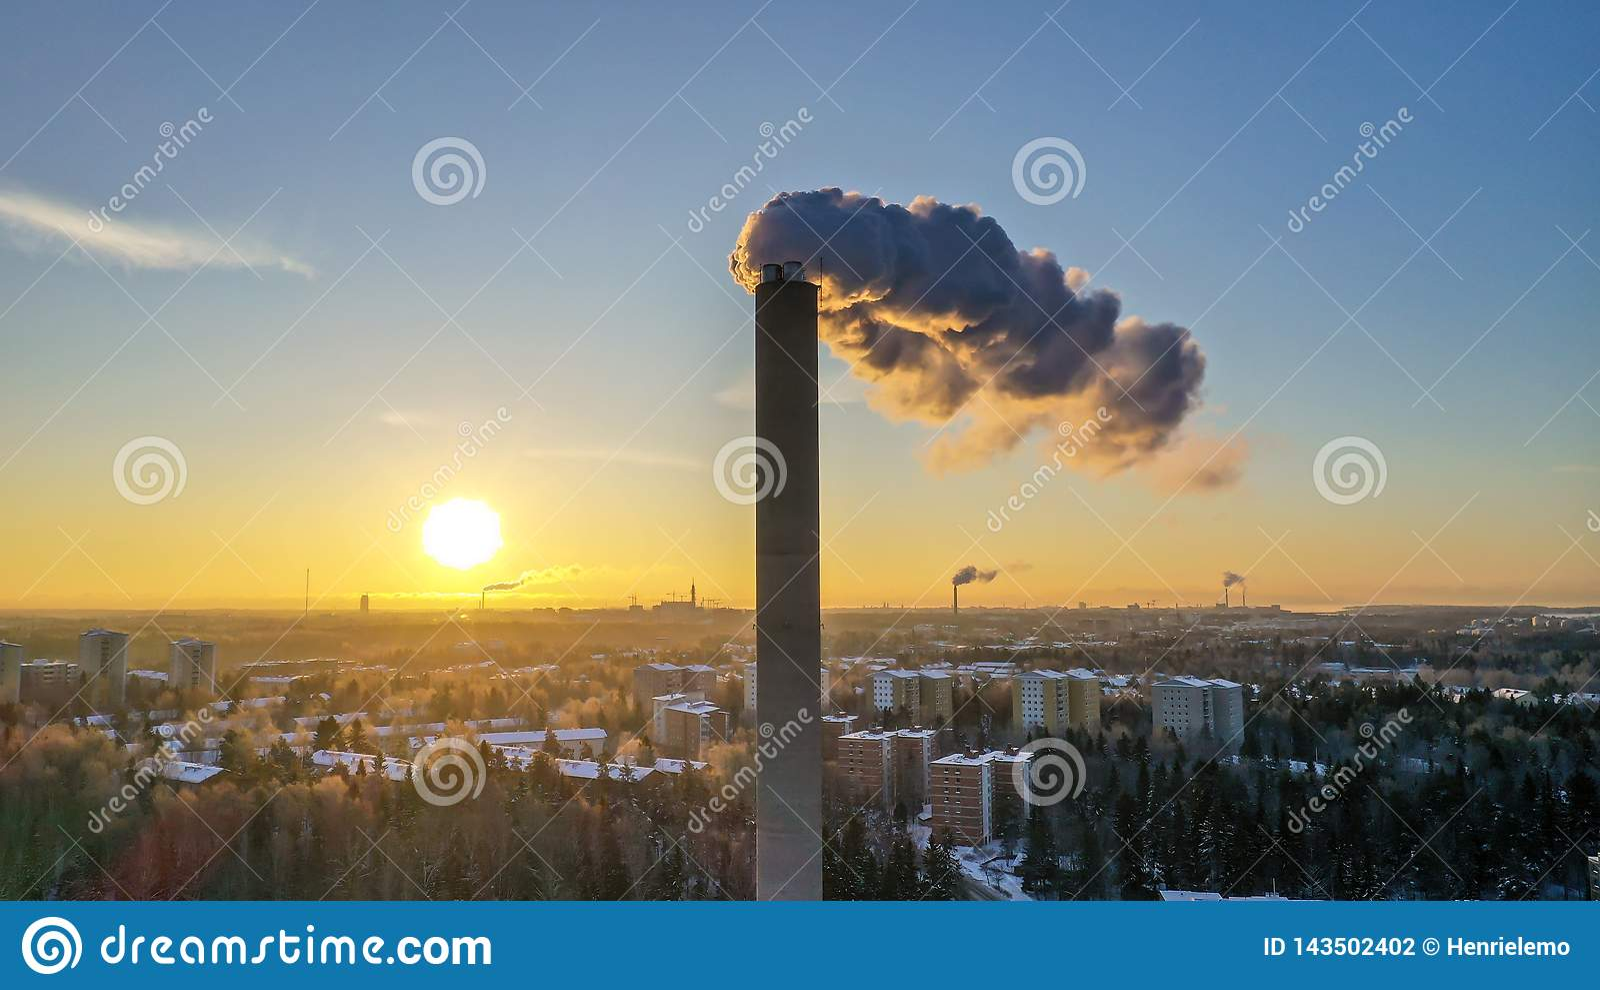 Helsinki, Finnland - 21. Januar 2019: Rauch, der vom Energiepflanzerohr in Helsinki auf Sonnenuntergangzeit herauskommt